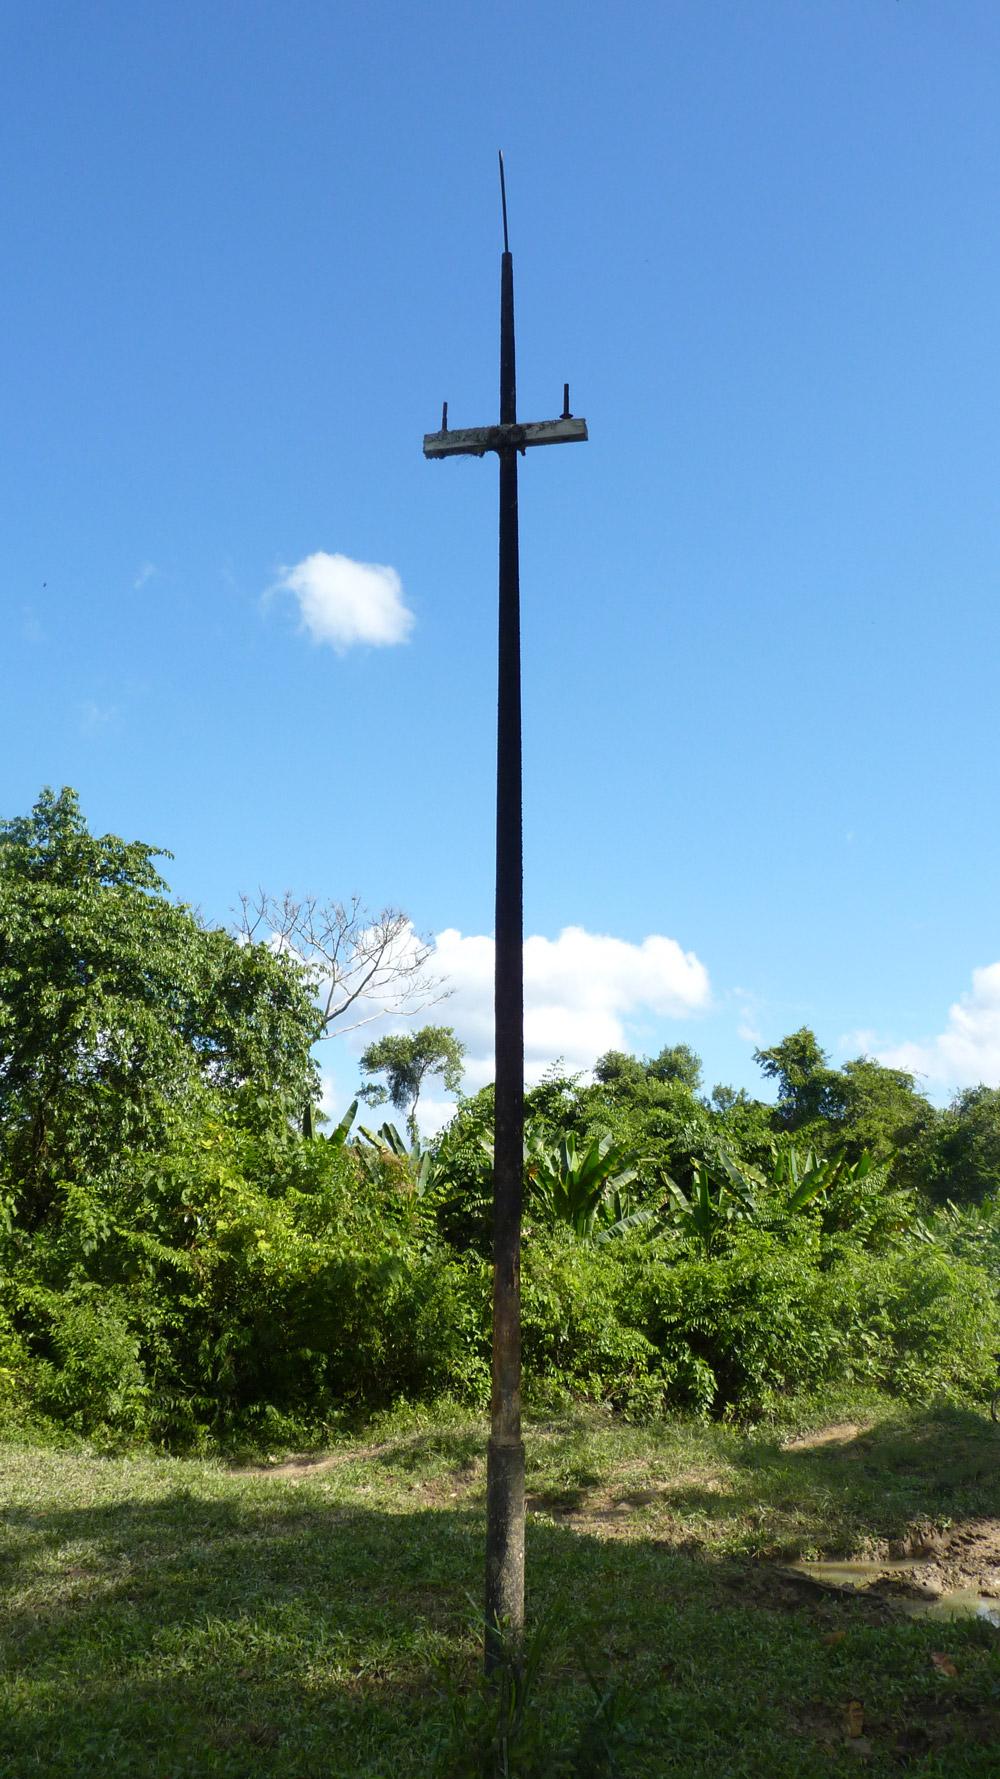 Poste original do antigo Telégrafo instalado há mais de 150 anos, um dos poucos ainda intácto